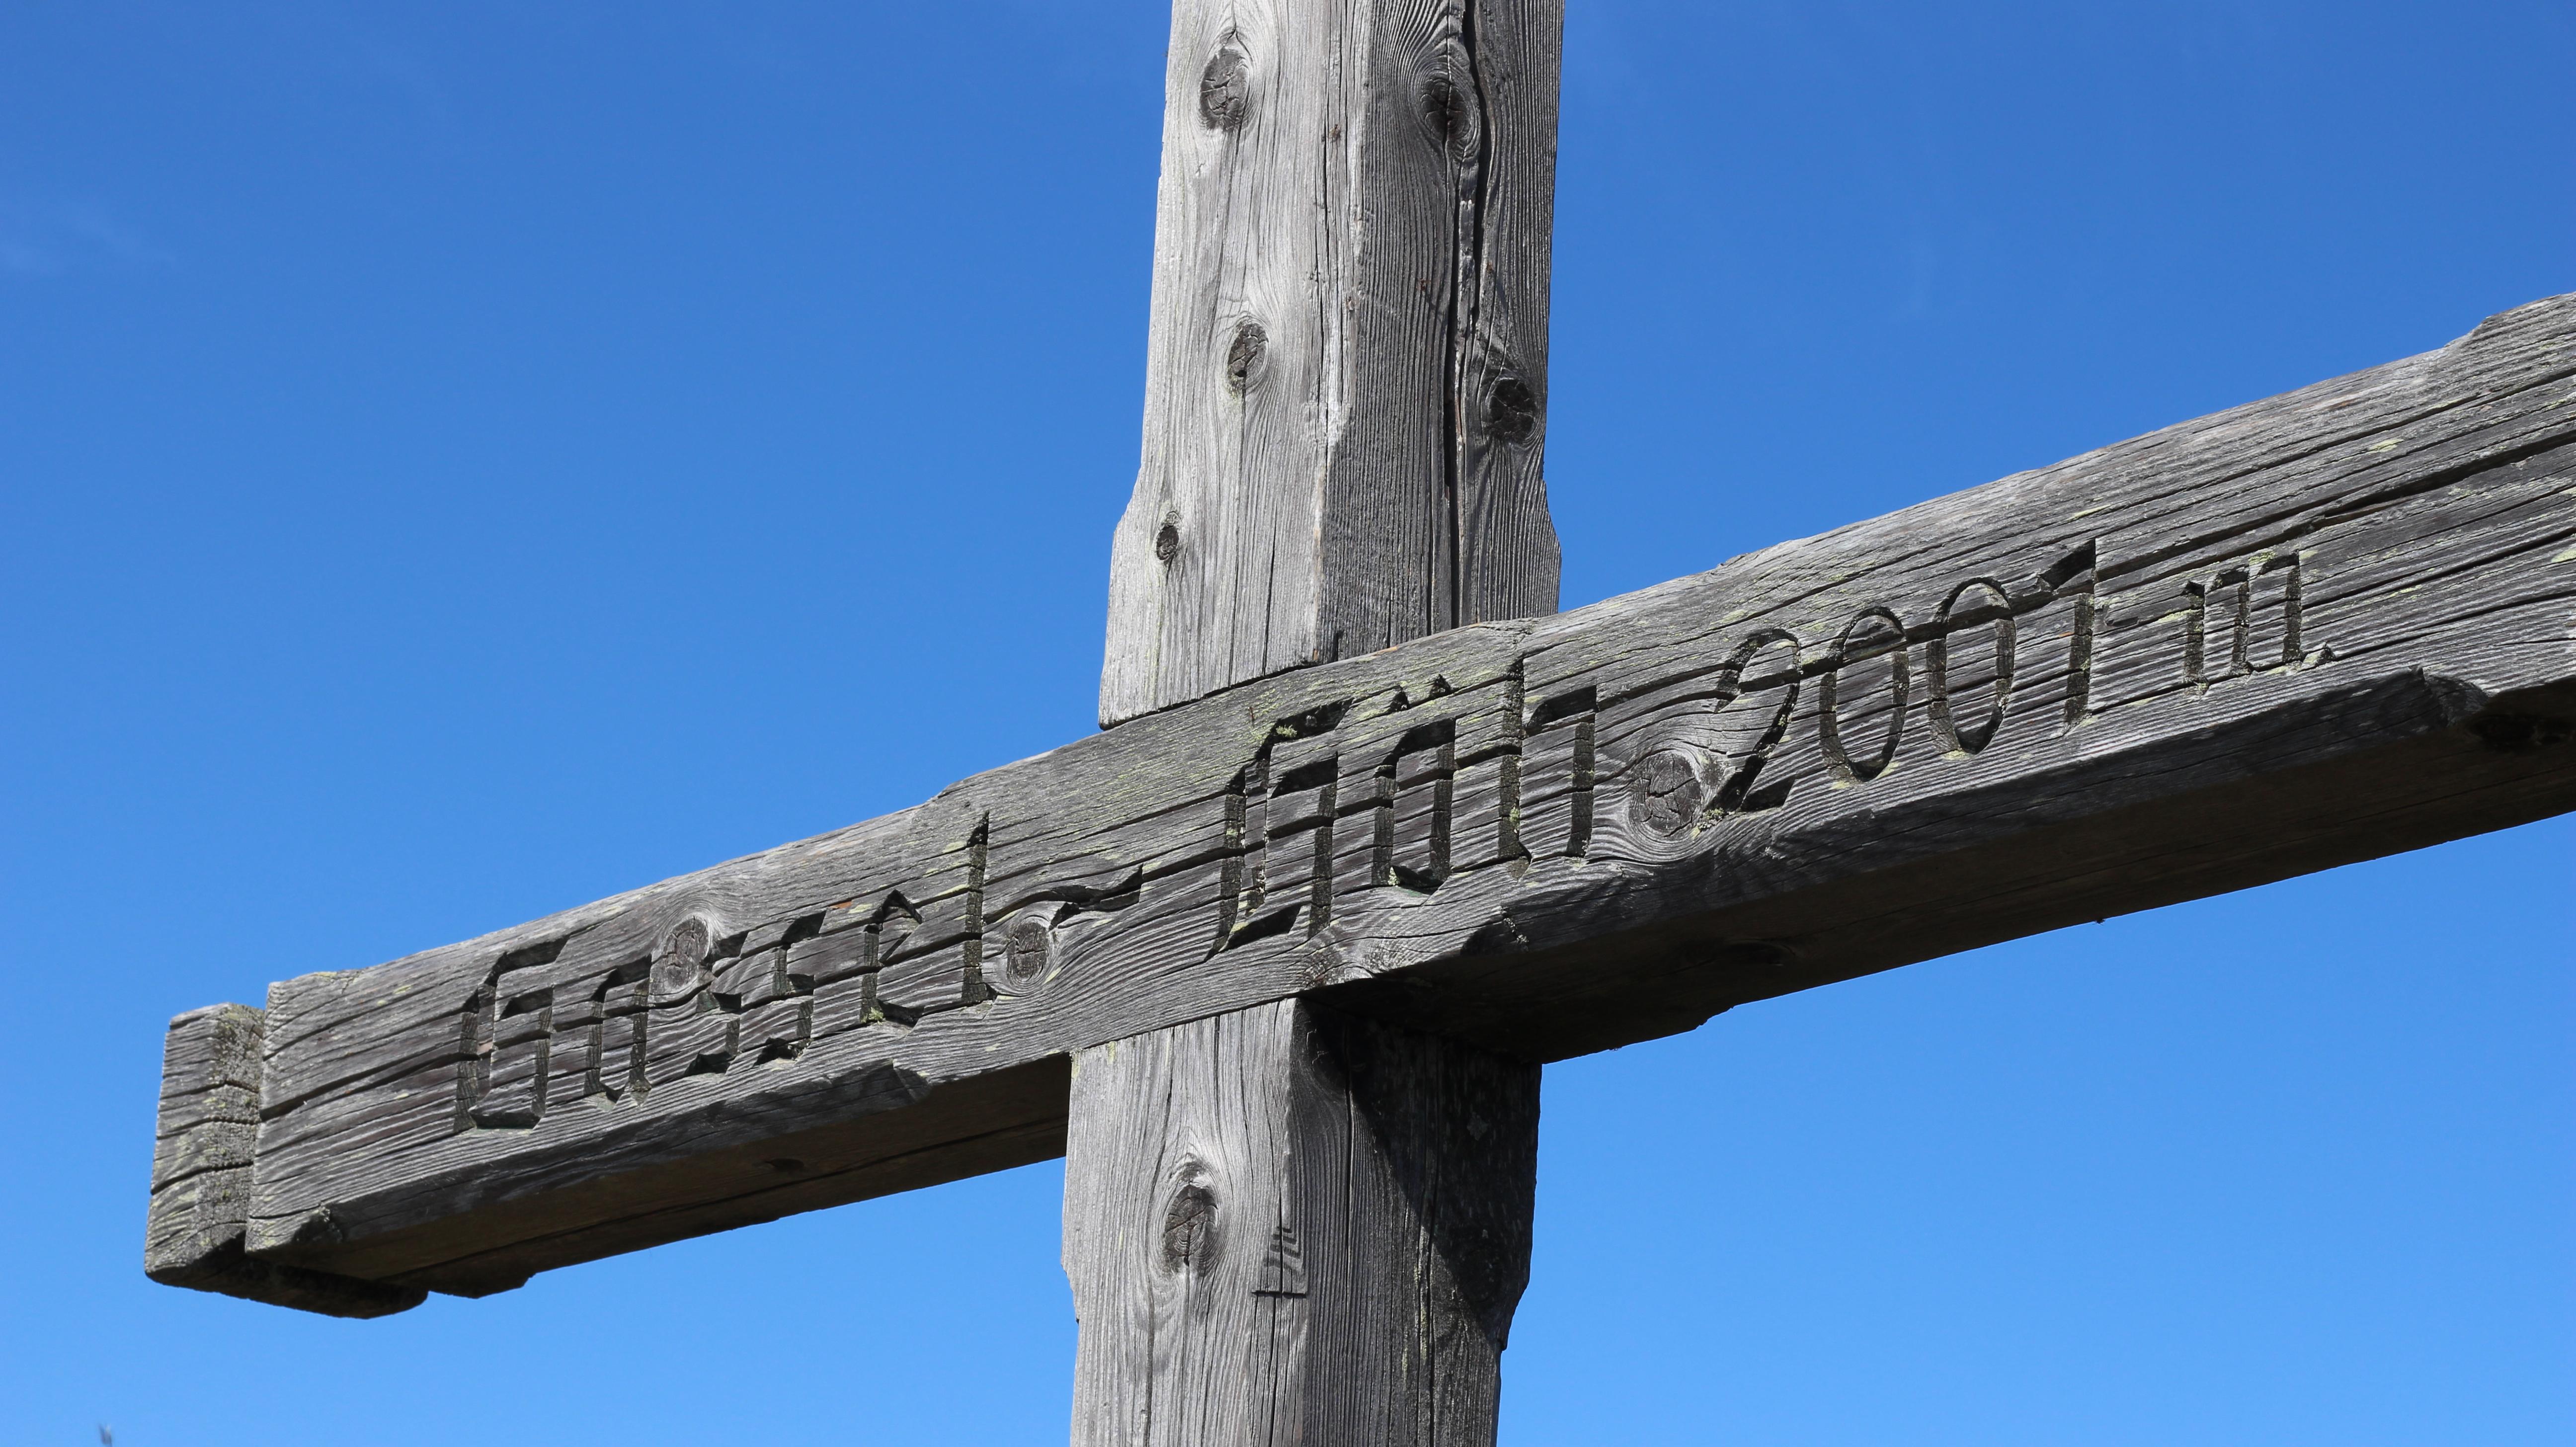 spiegelsee-dachstein-austria-wandern-hiking-11